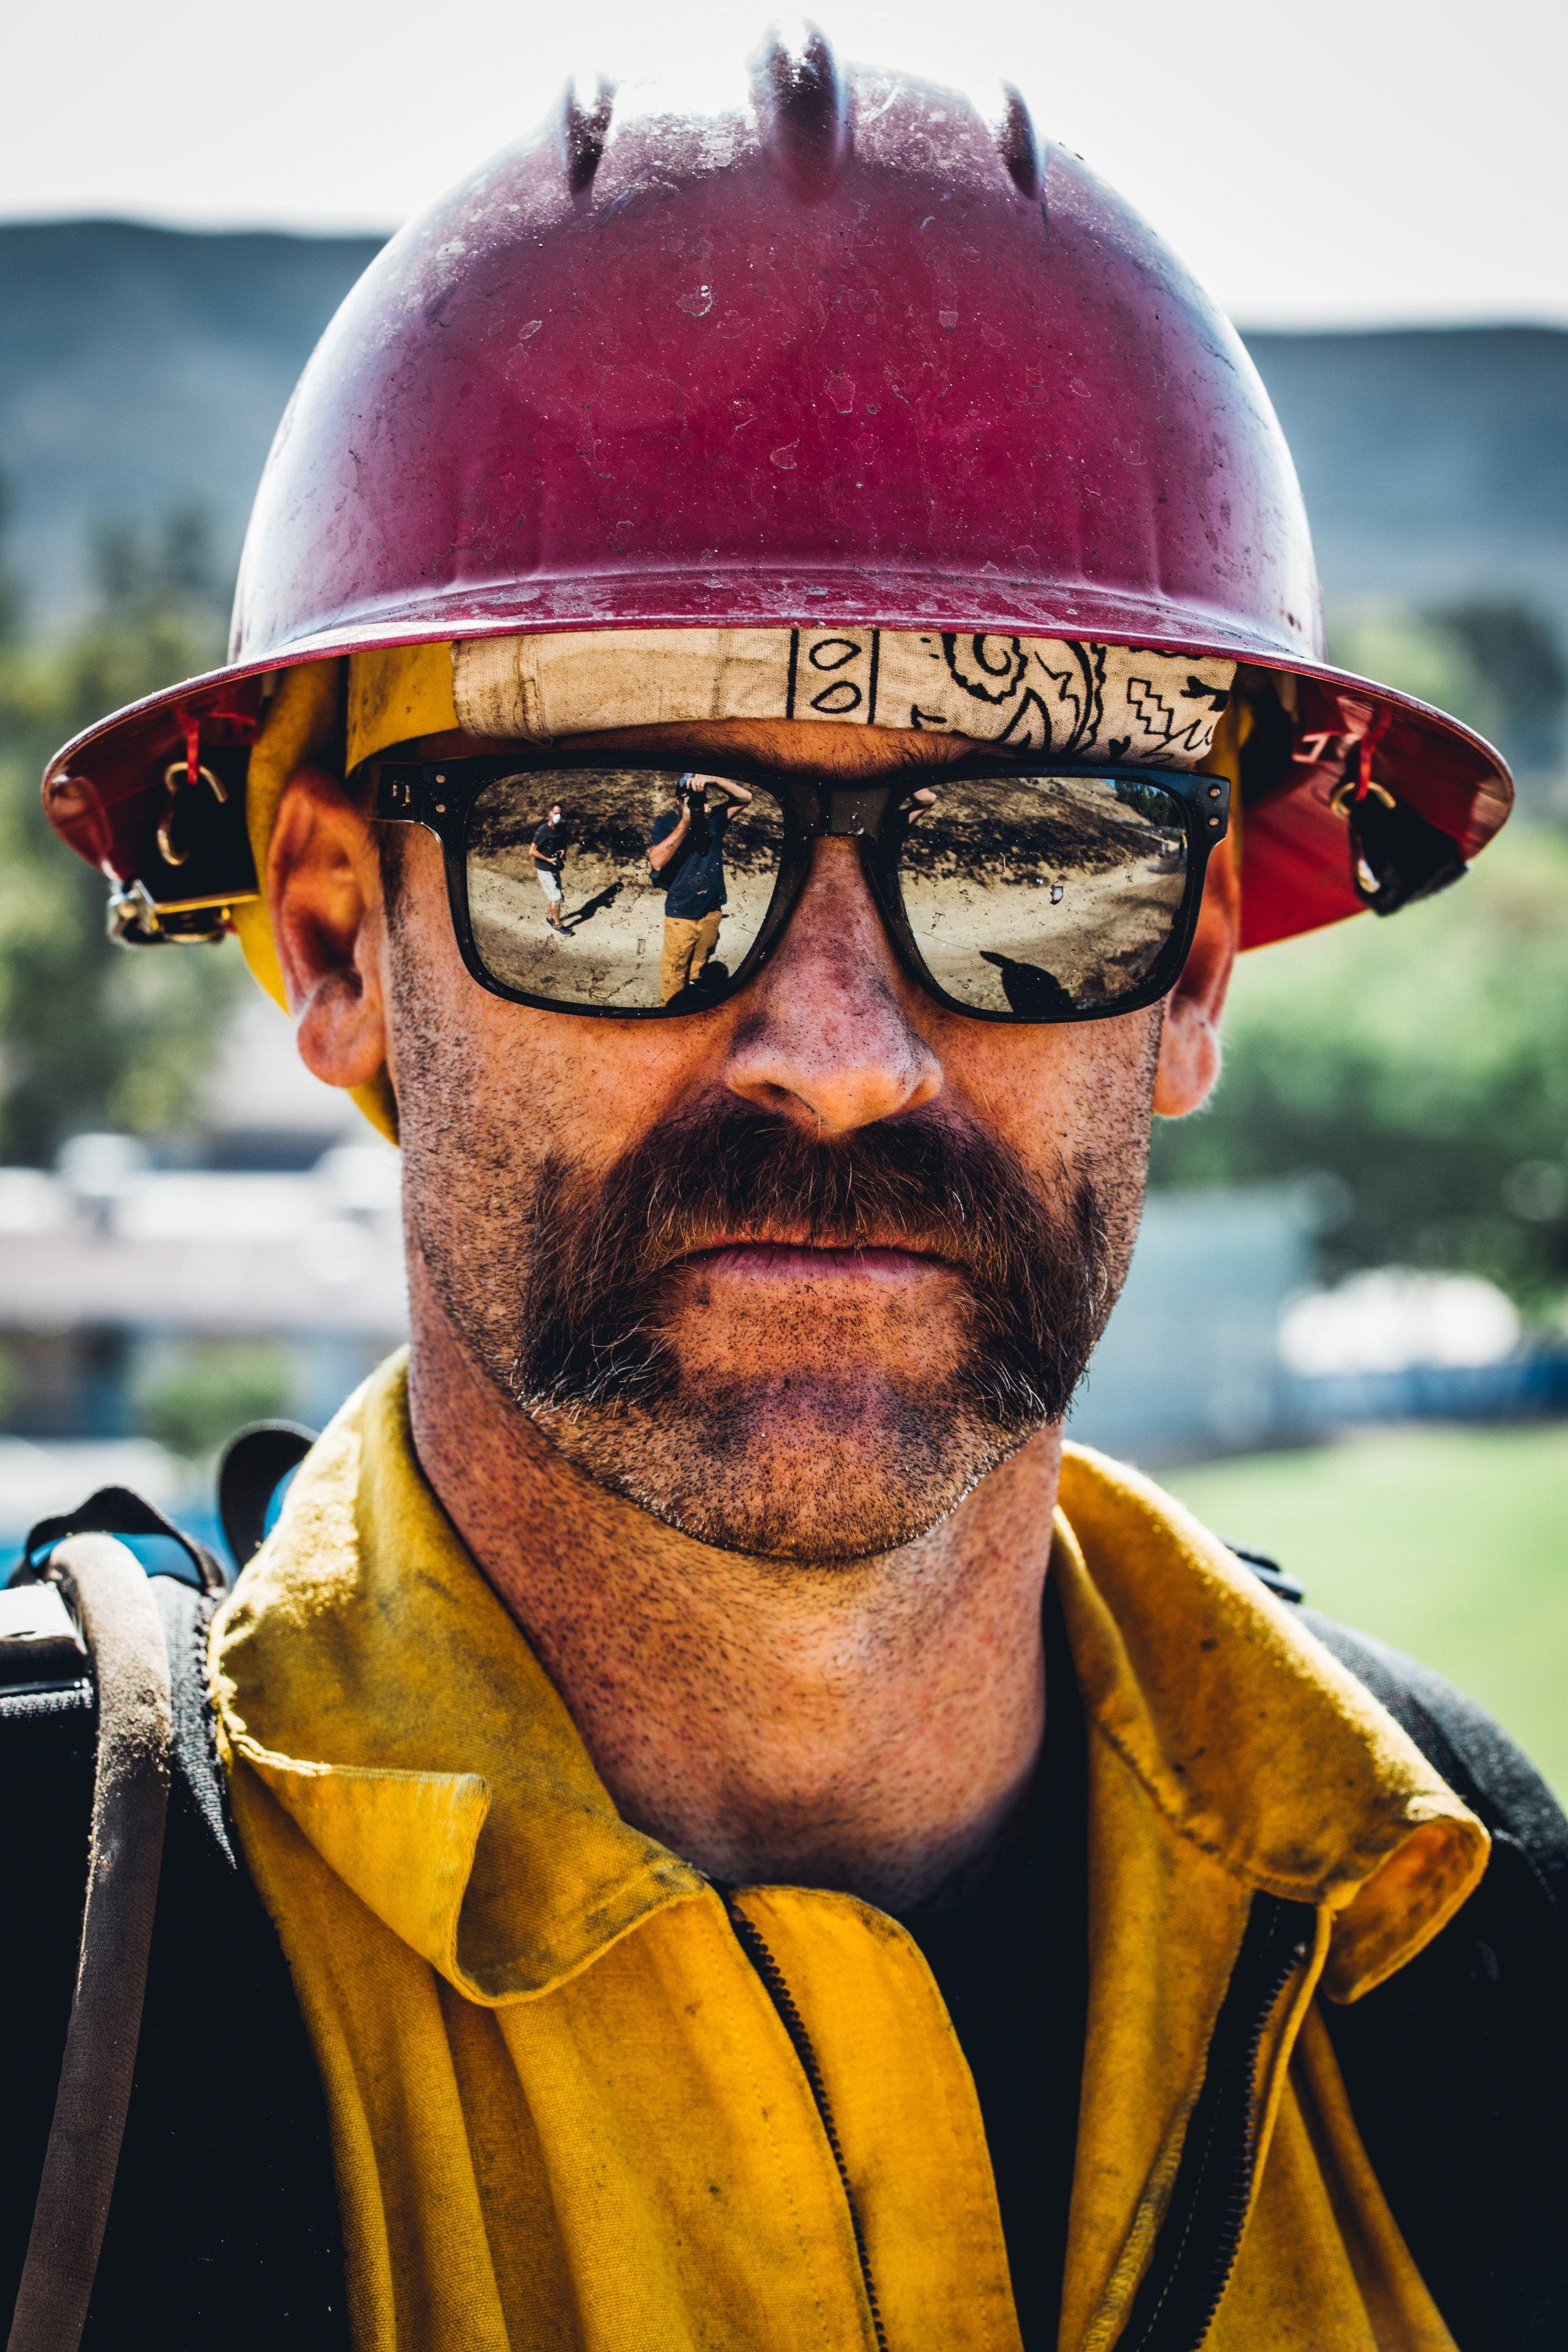 Firefigher from Woosley Fire